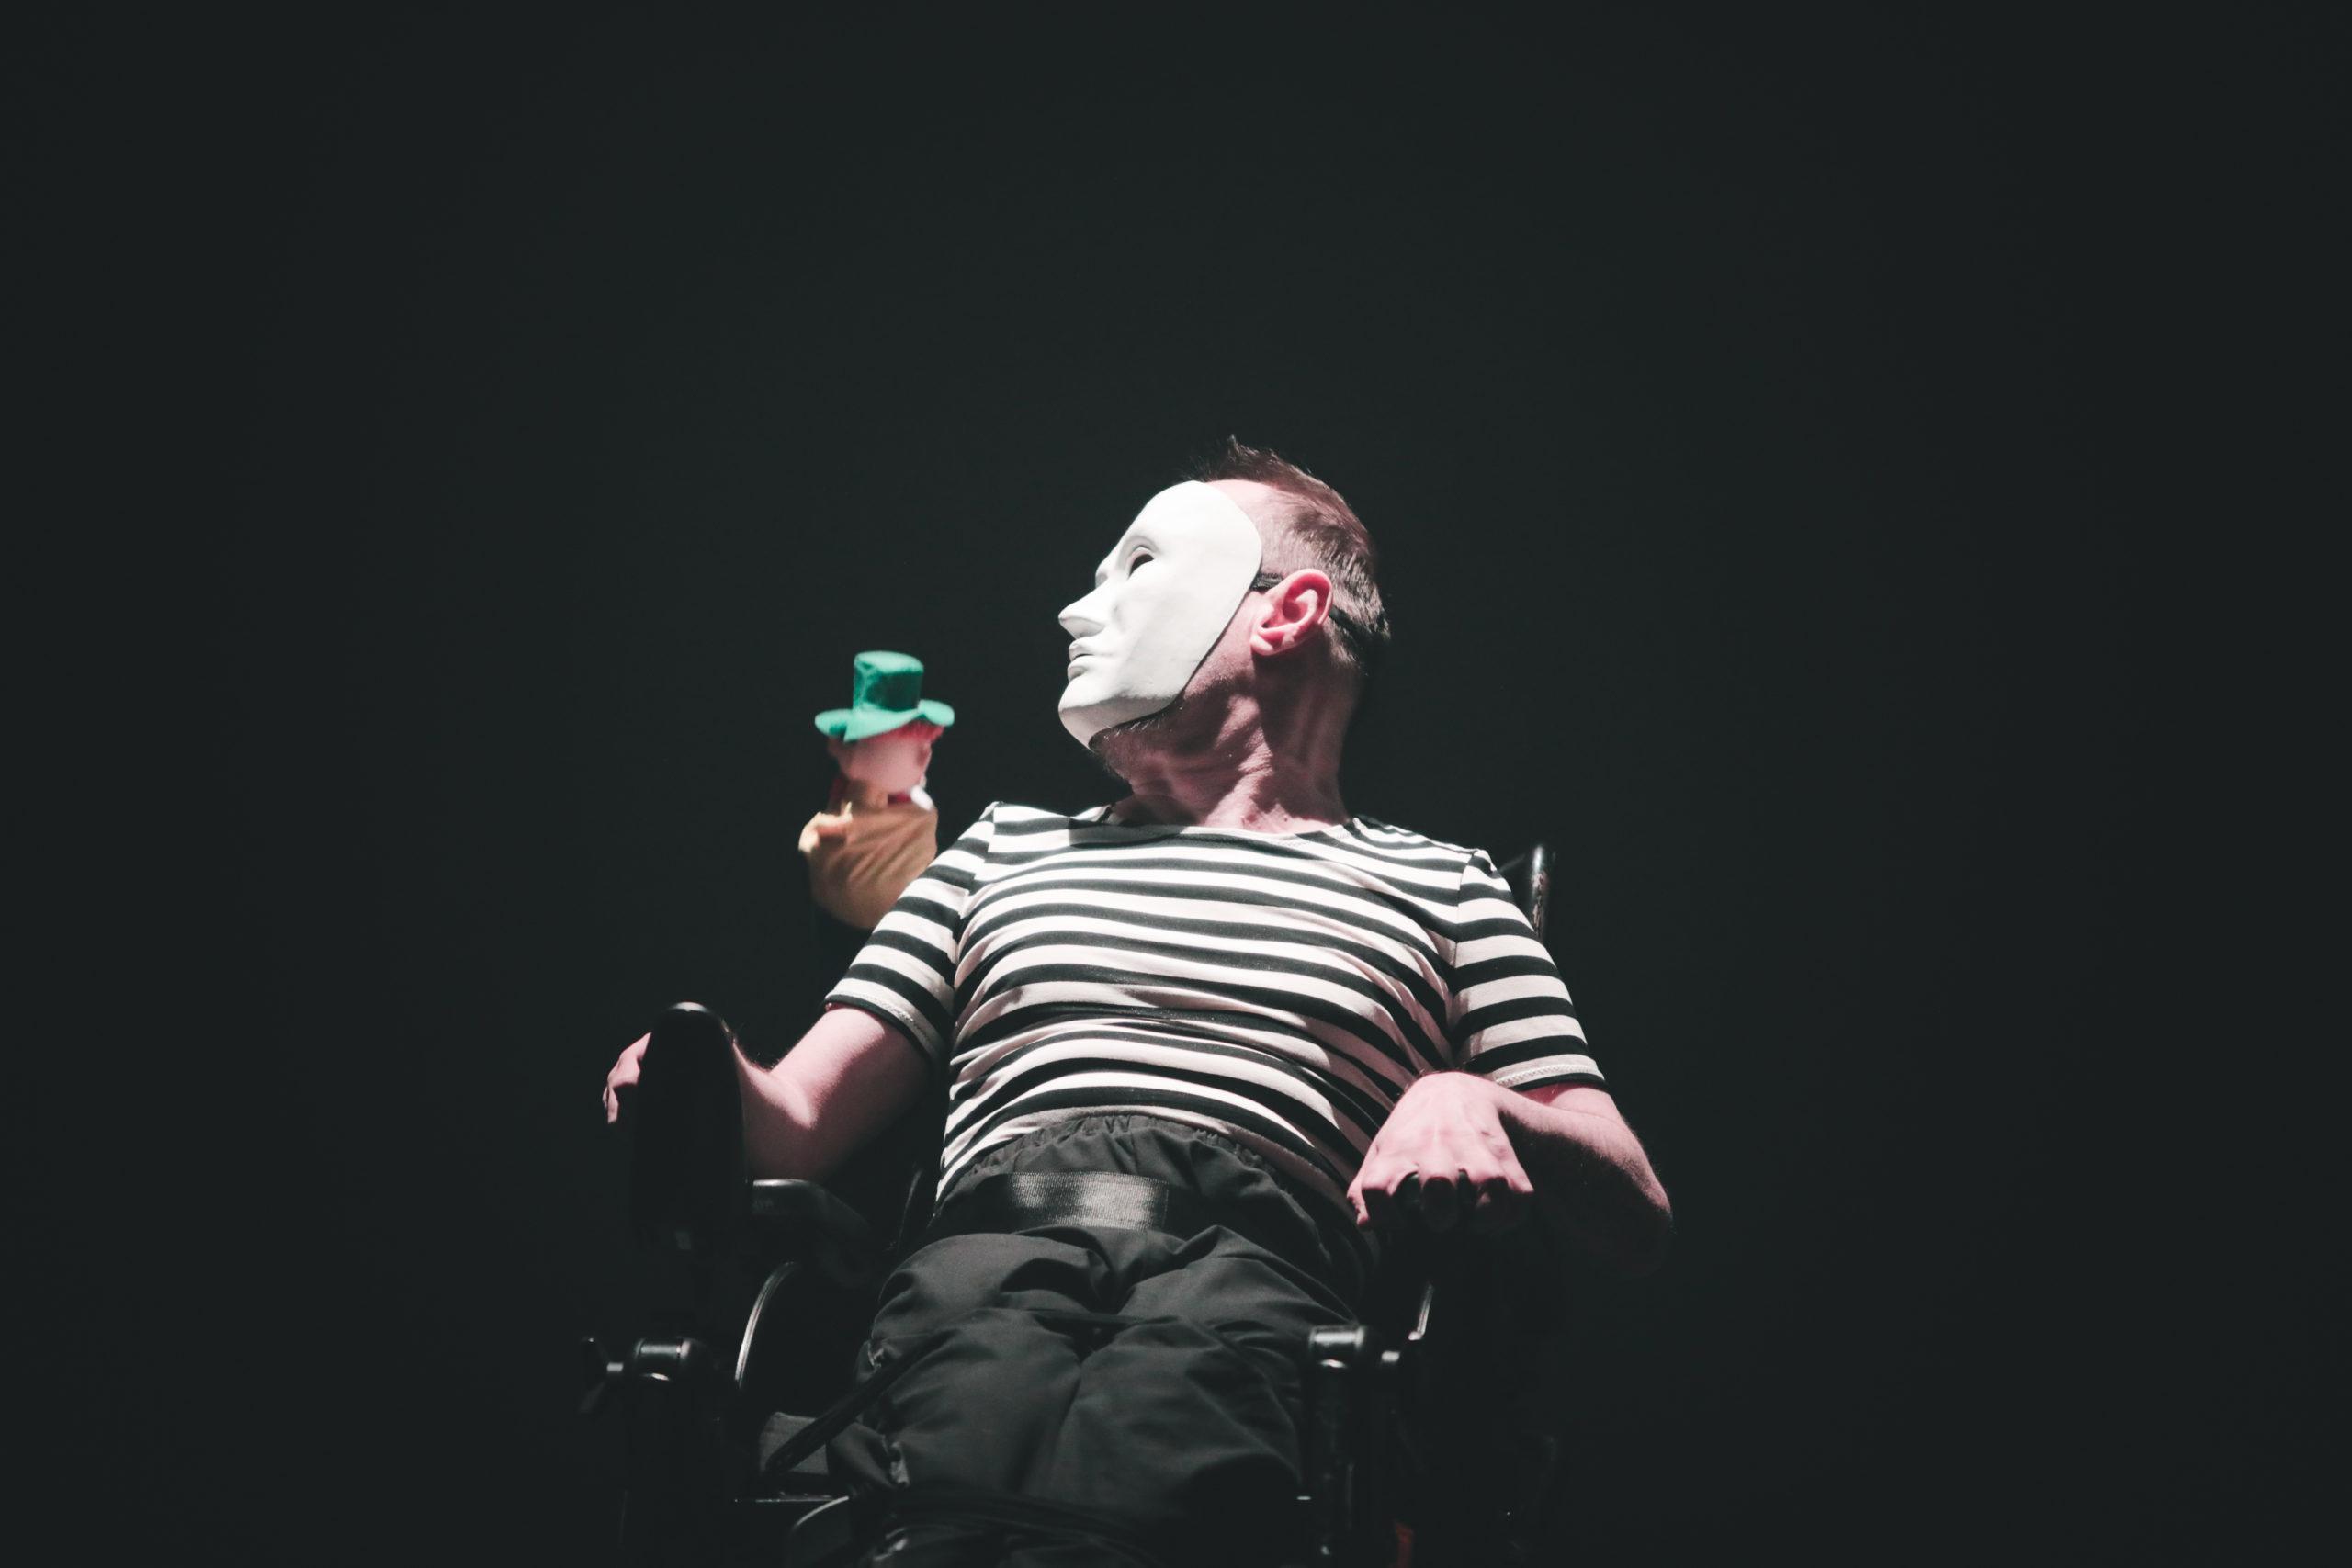 Danseur en fauteuil roulant masqué de blanc avec une marionnette